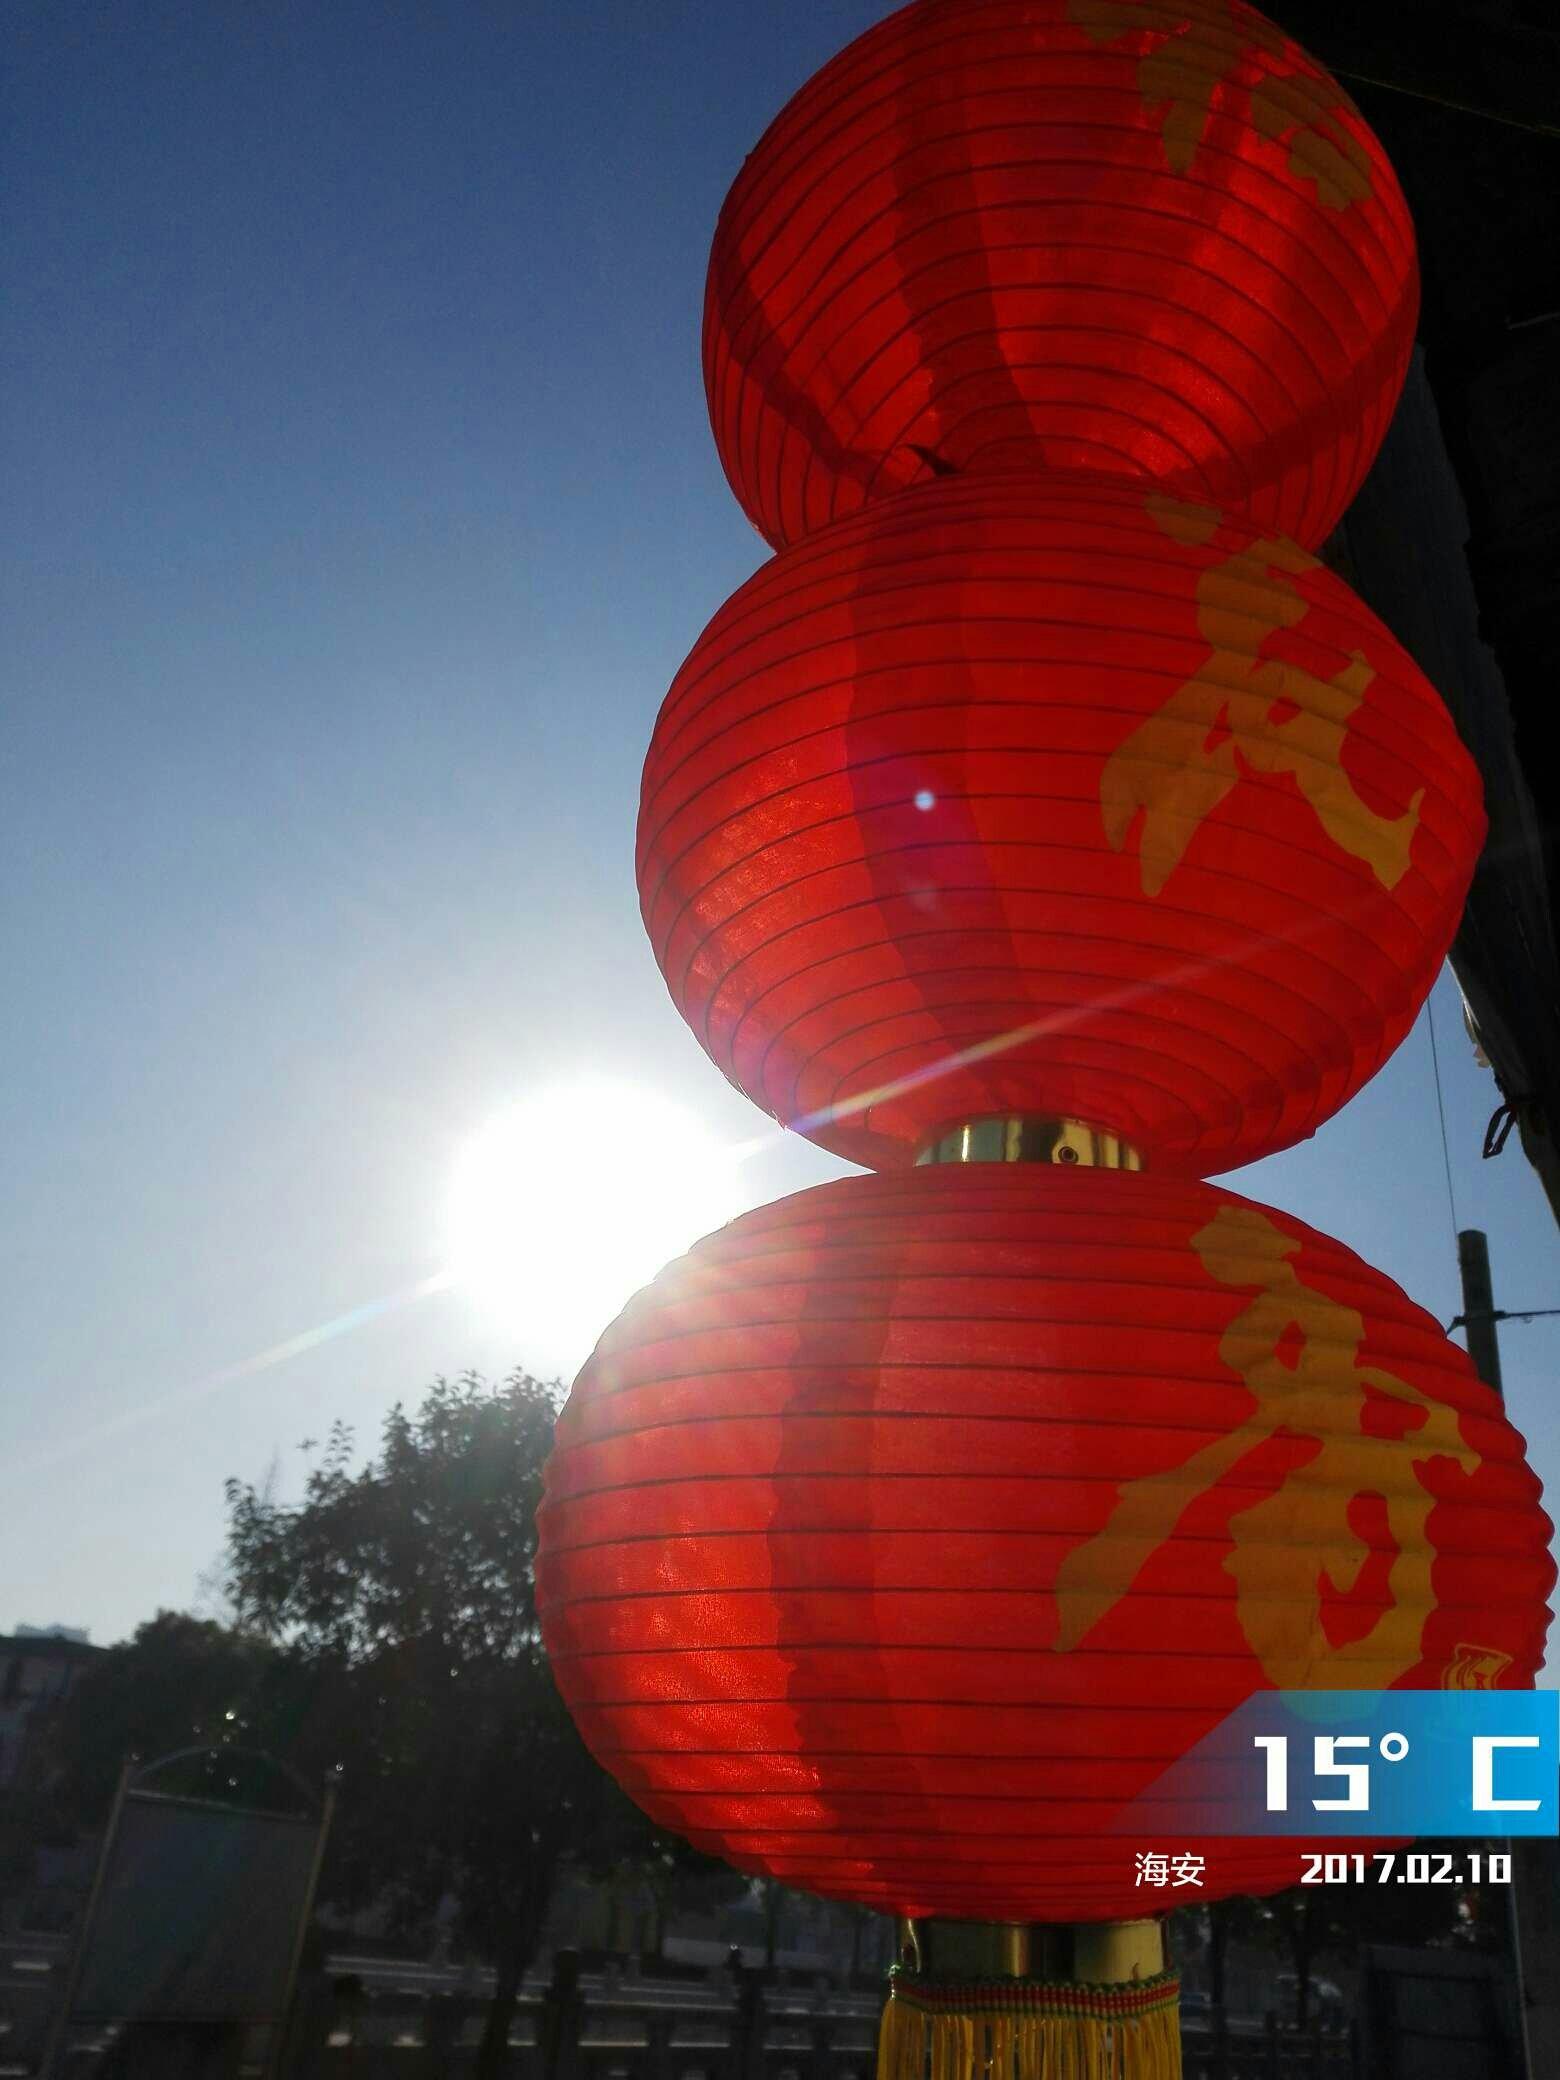 江苏省南通市海安县中坝北路63号天气预报